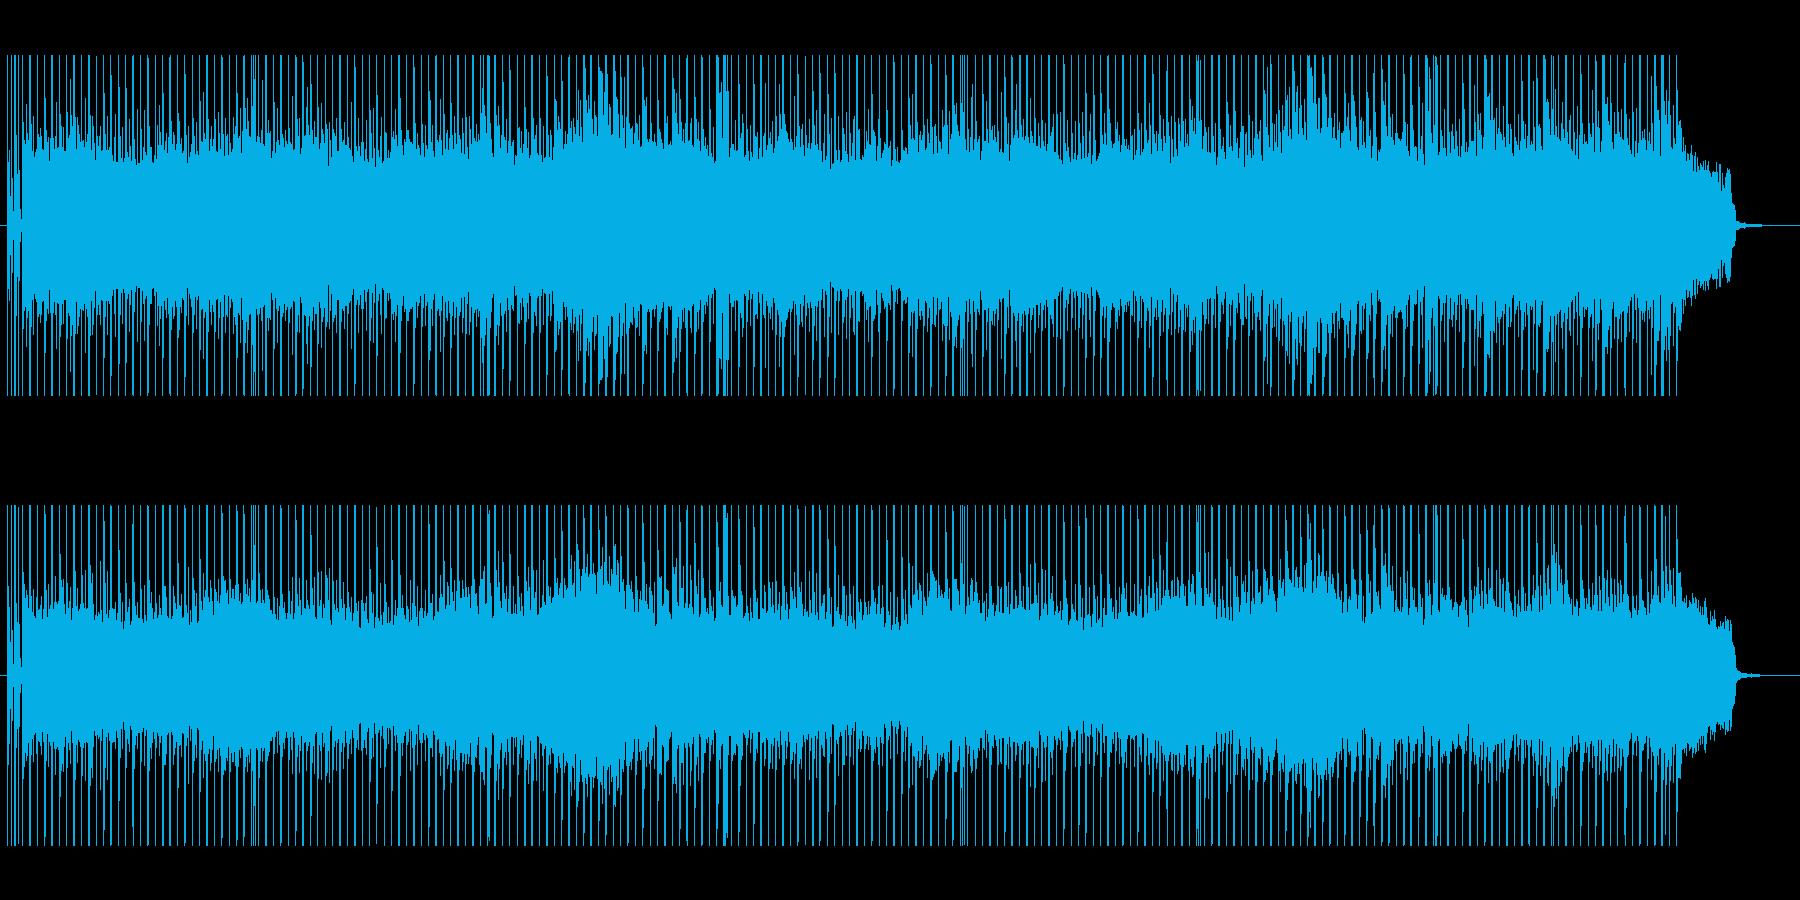 女性コーラスの入ったバンド曲の再生済みの波形